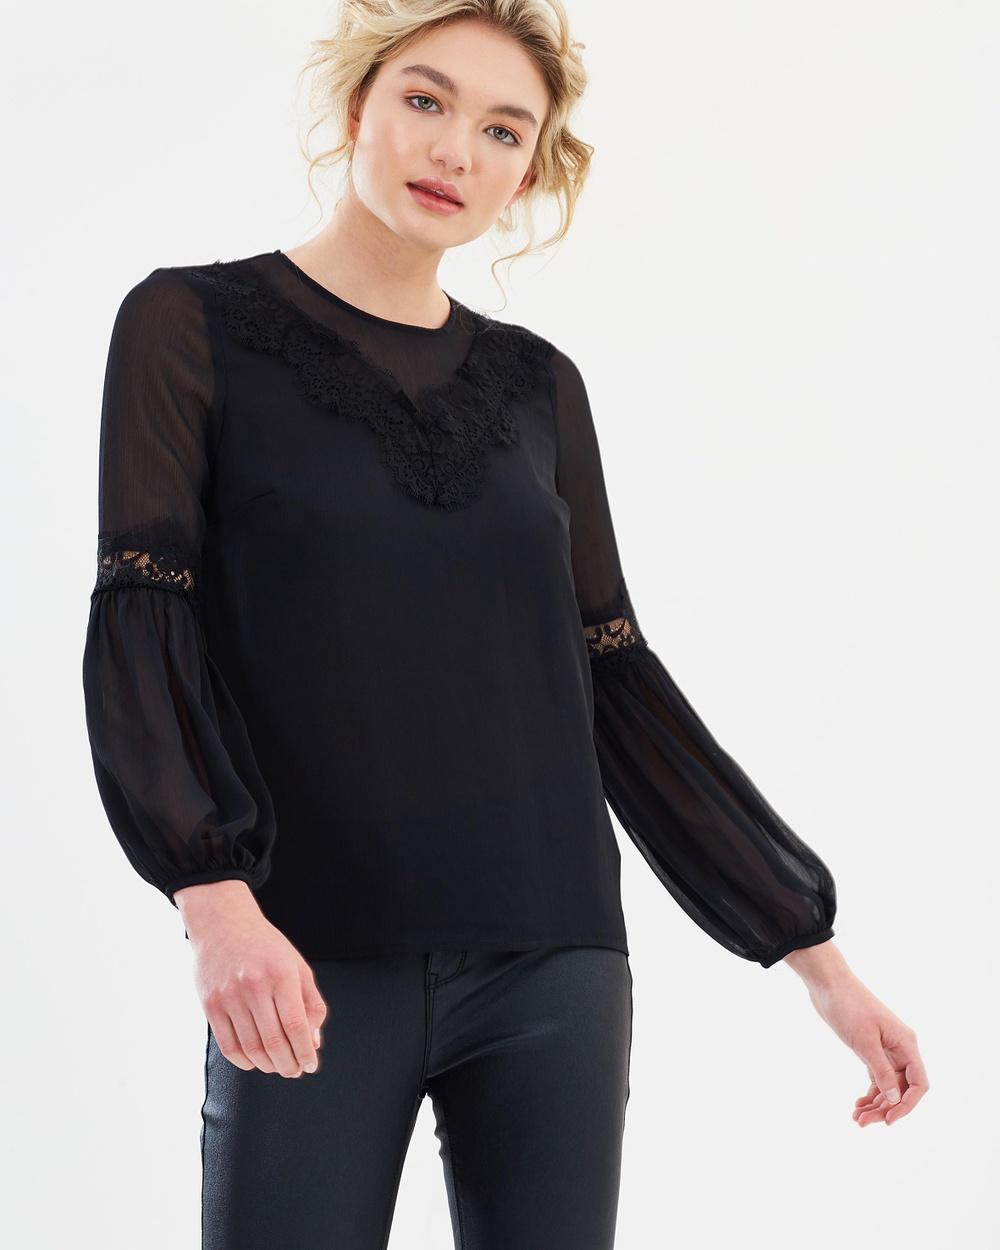 Warehouse Lace Neck Trim Top Tops Black Lace Neck Trim Top